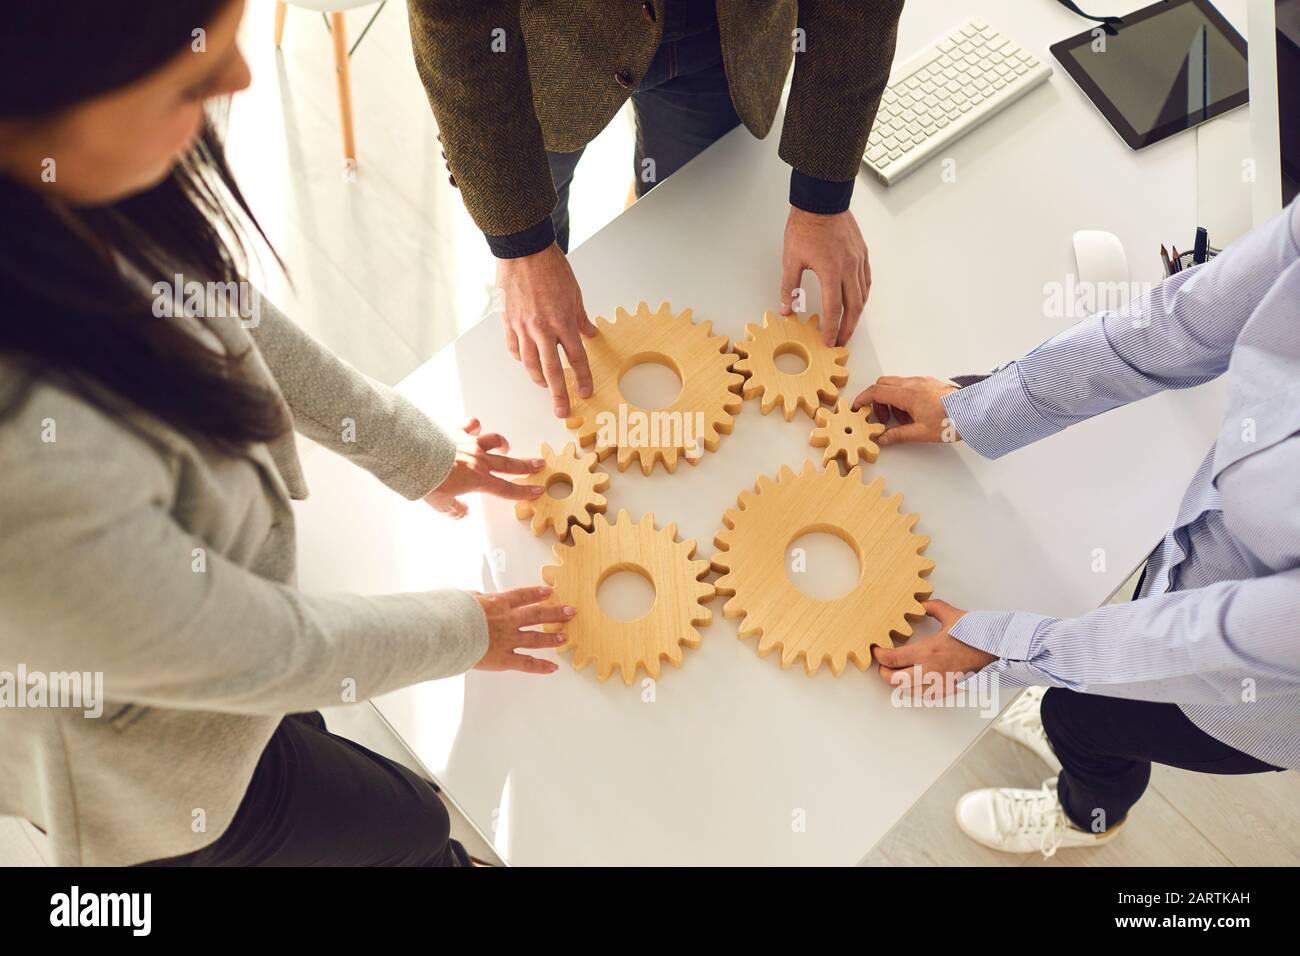 Un grupo de gente de negocios sostiene ruedas de madera con dientes en sus manos en una mesa blanca de oficina. Foto de stock